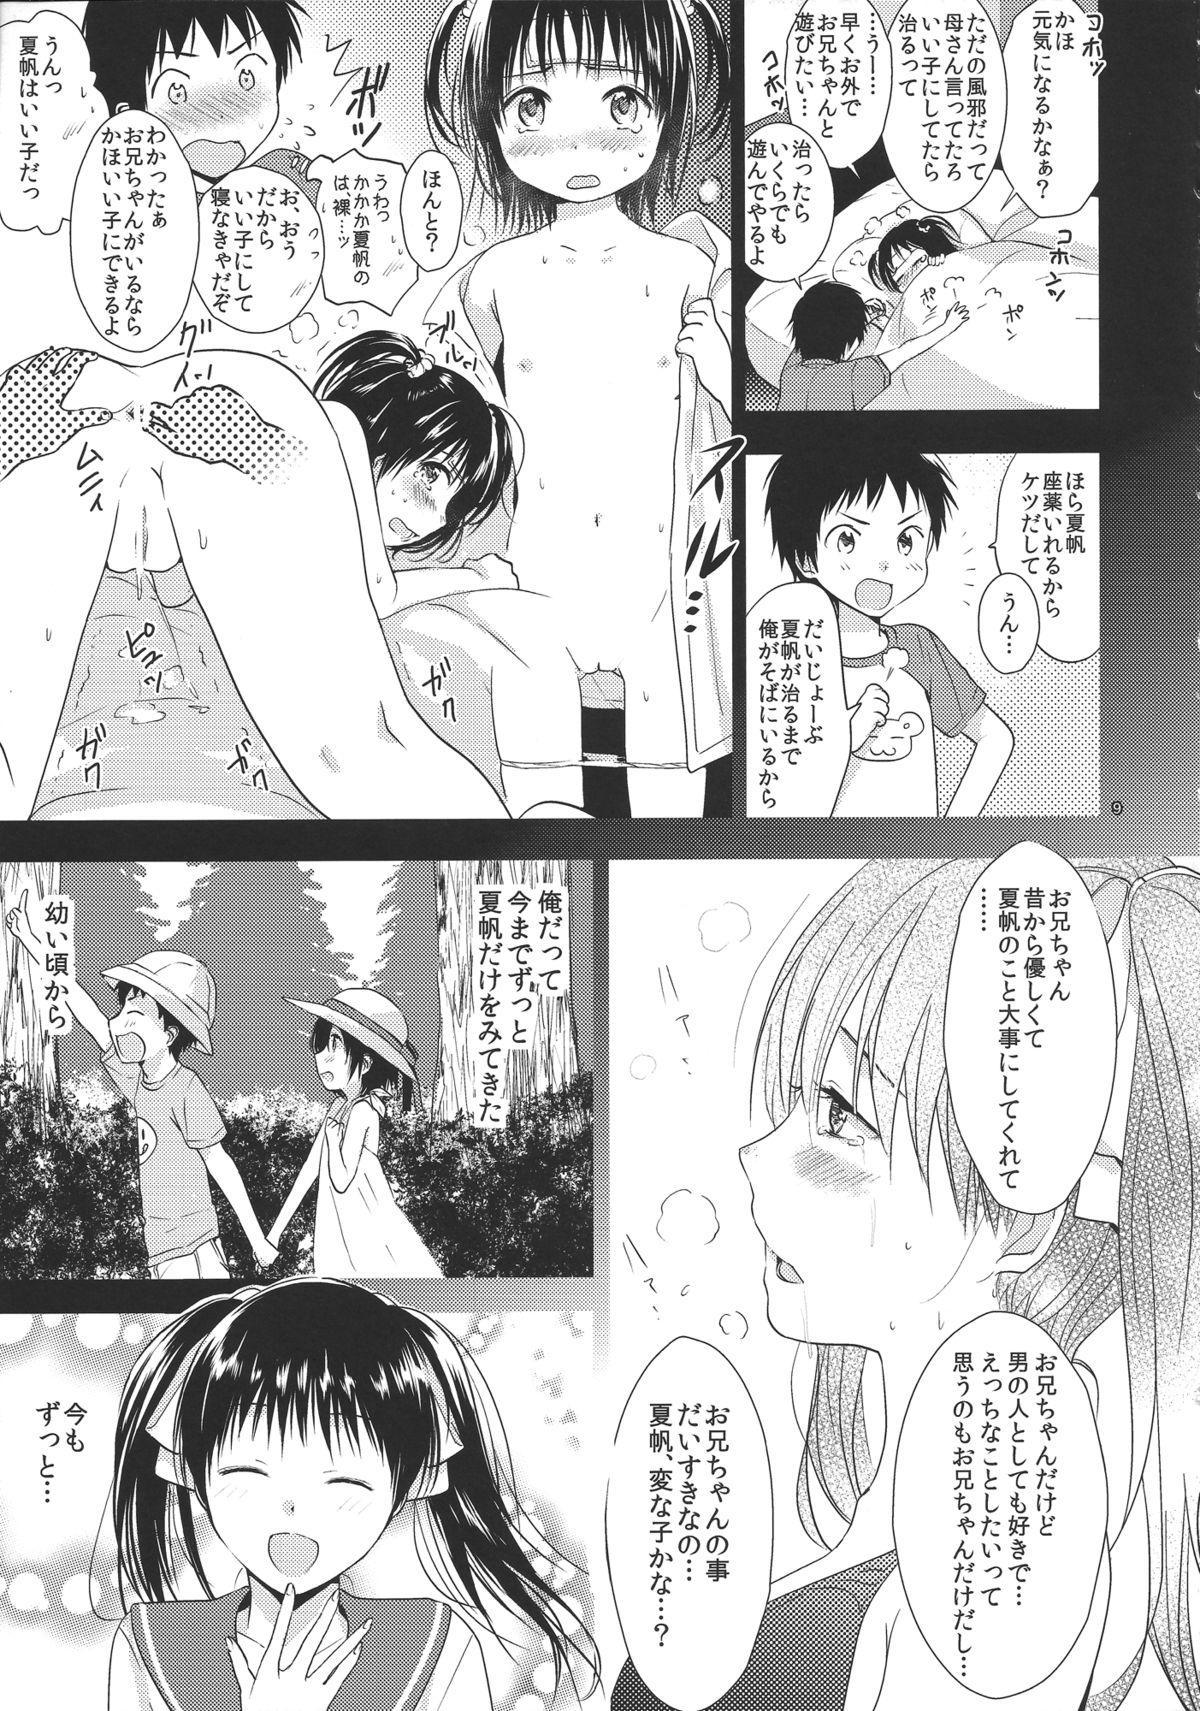 Oniichan no koto daisuki dakara sukumizu de nousatsu shite mo iiyo nee 7